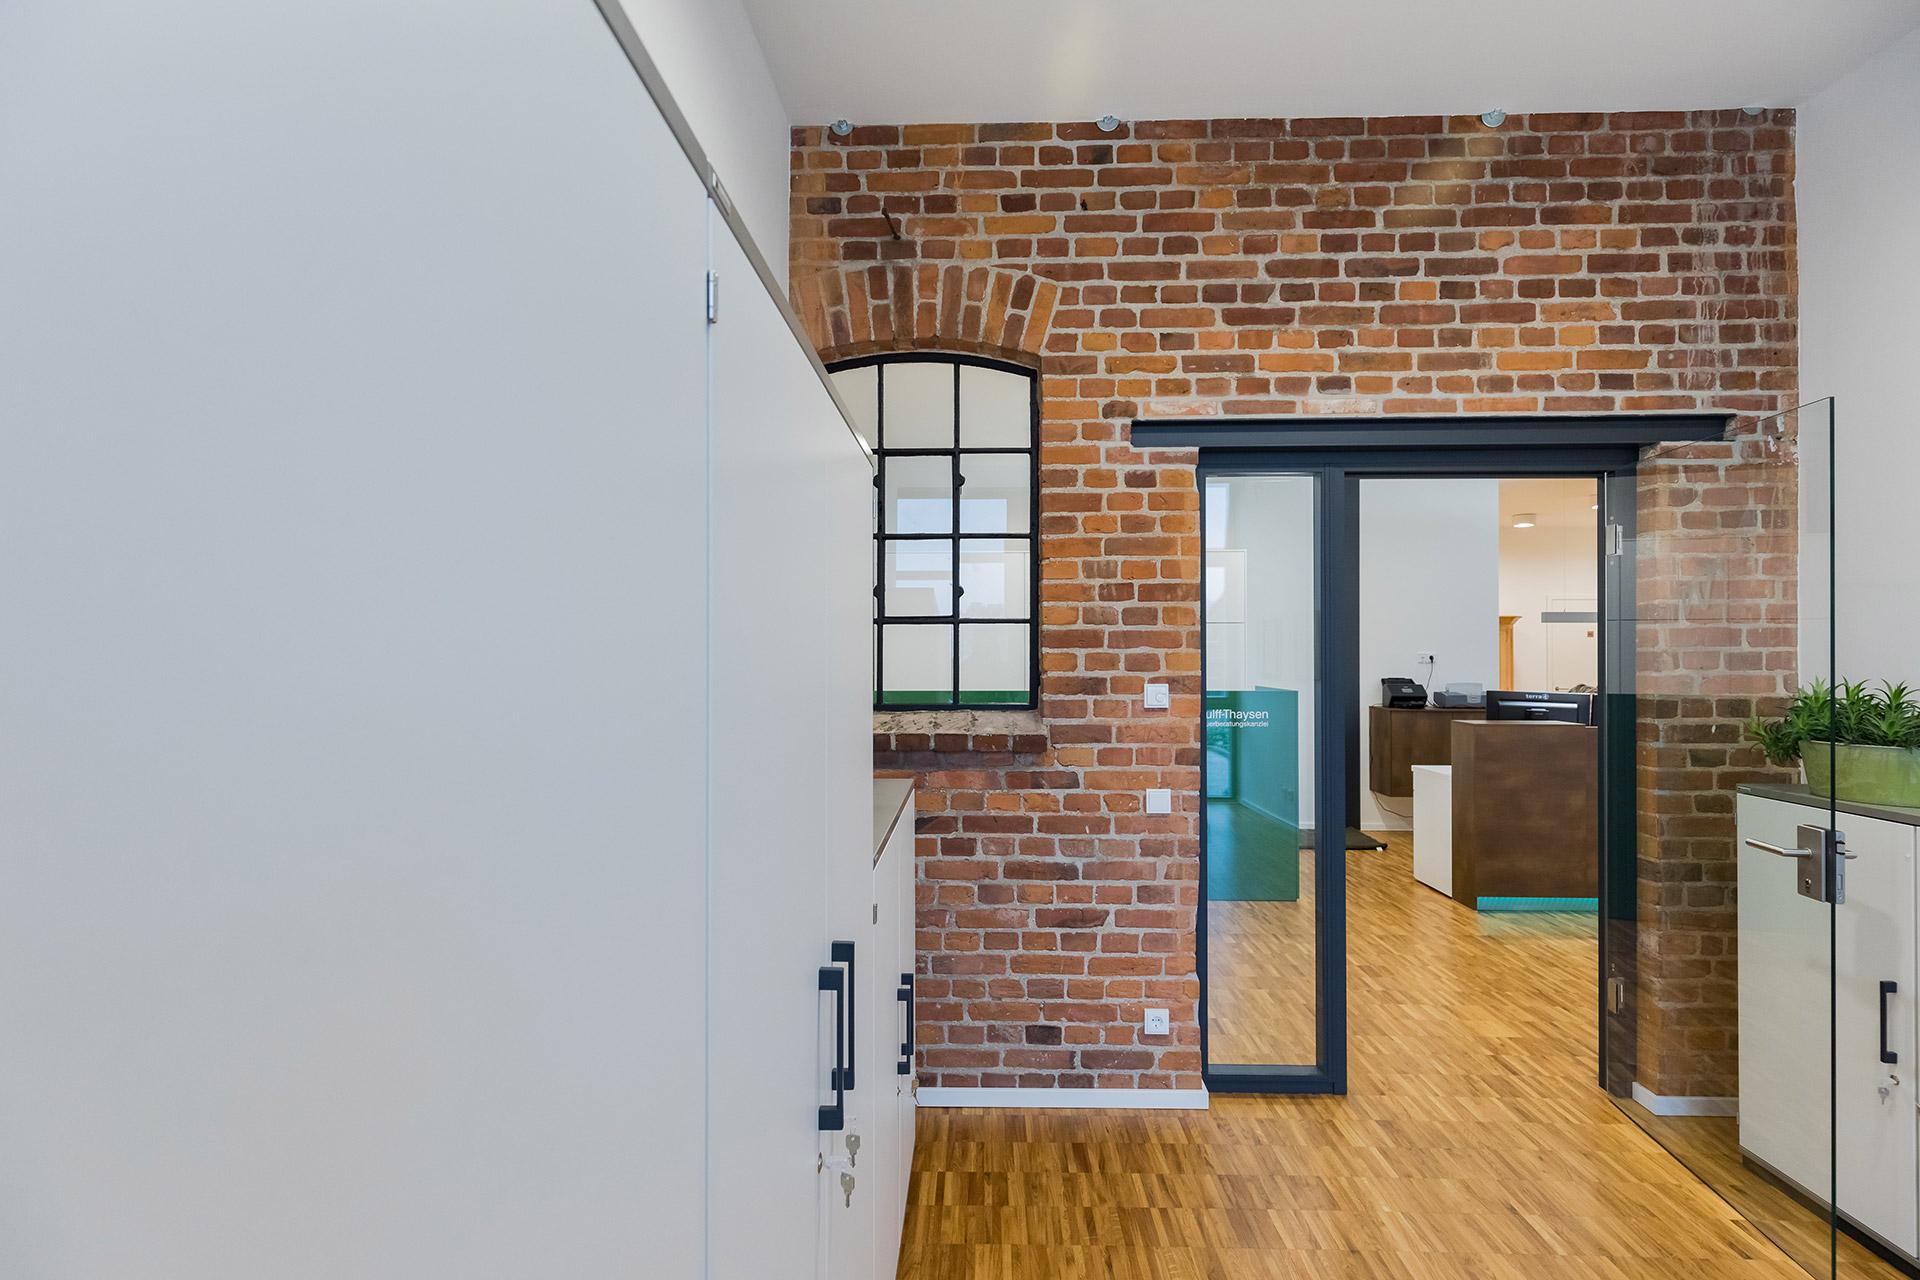 20191024_Park48_Architekten_Wulff-Thaysen_Ratzeburg_00000000032